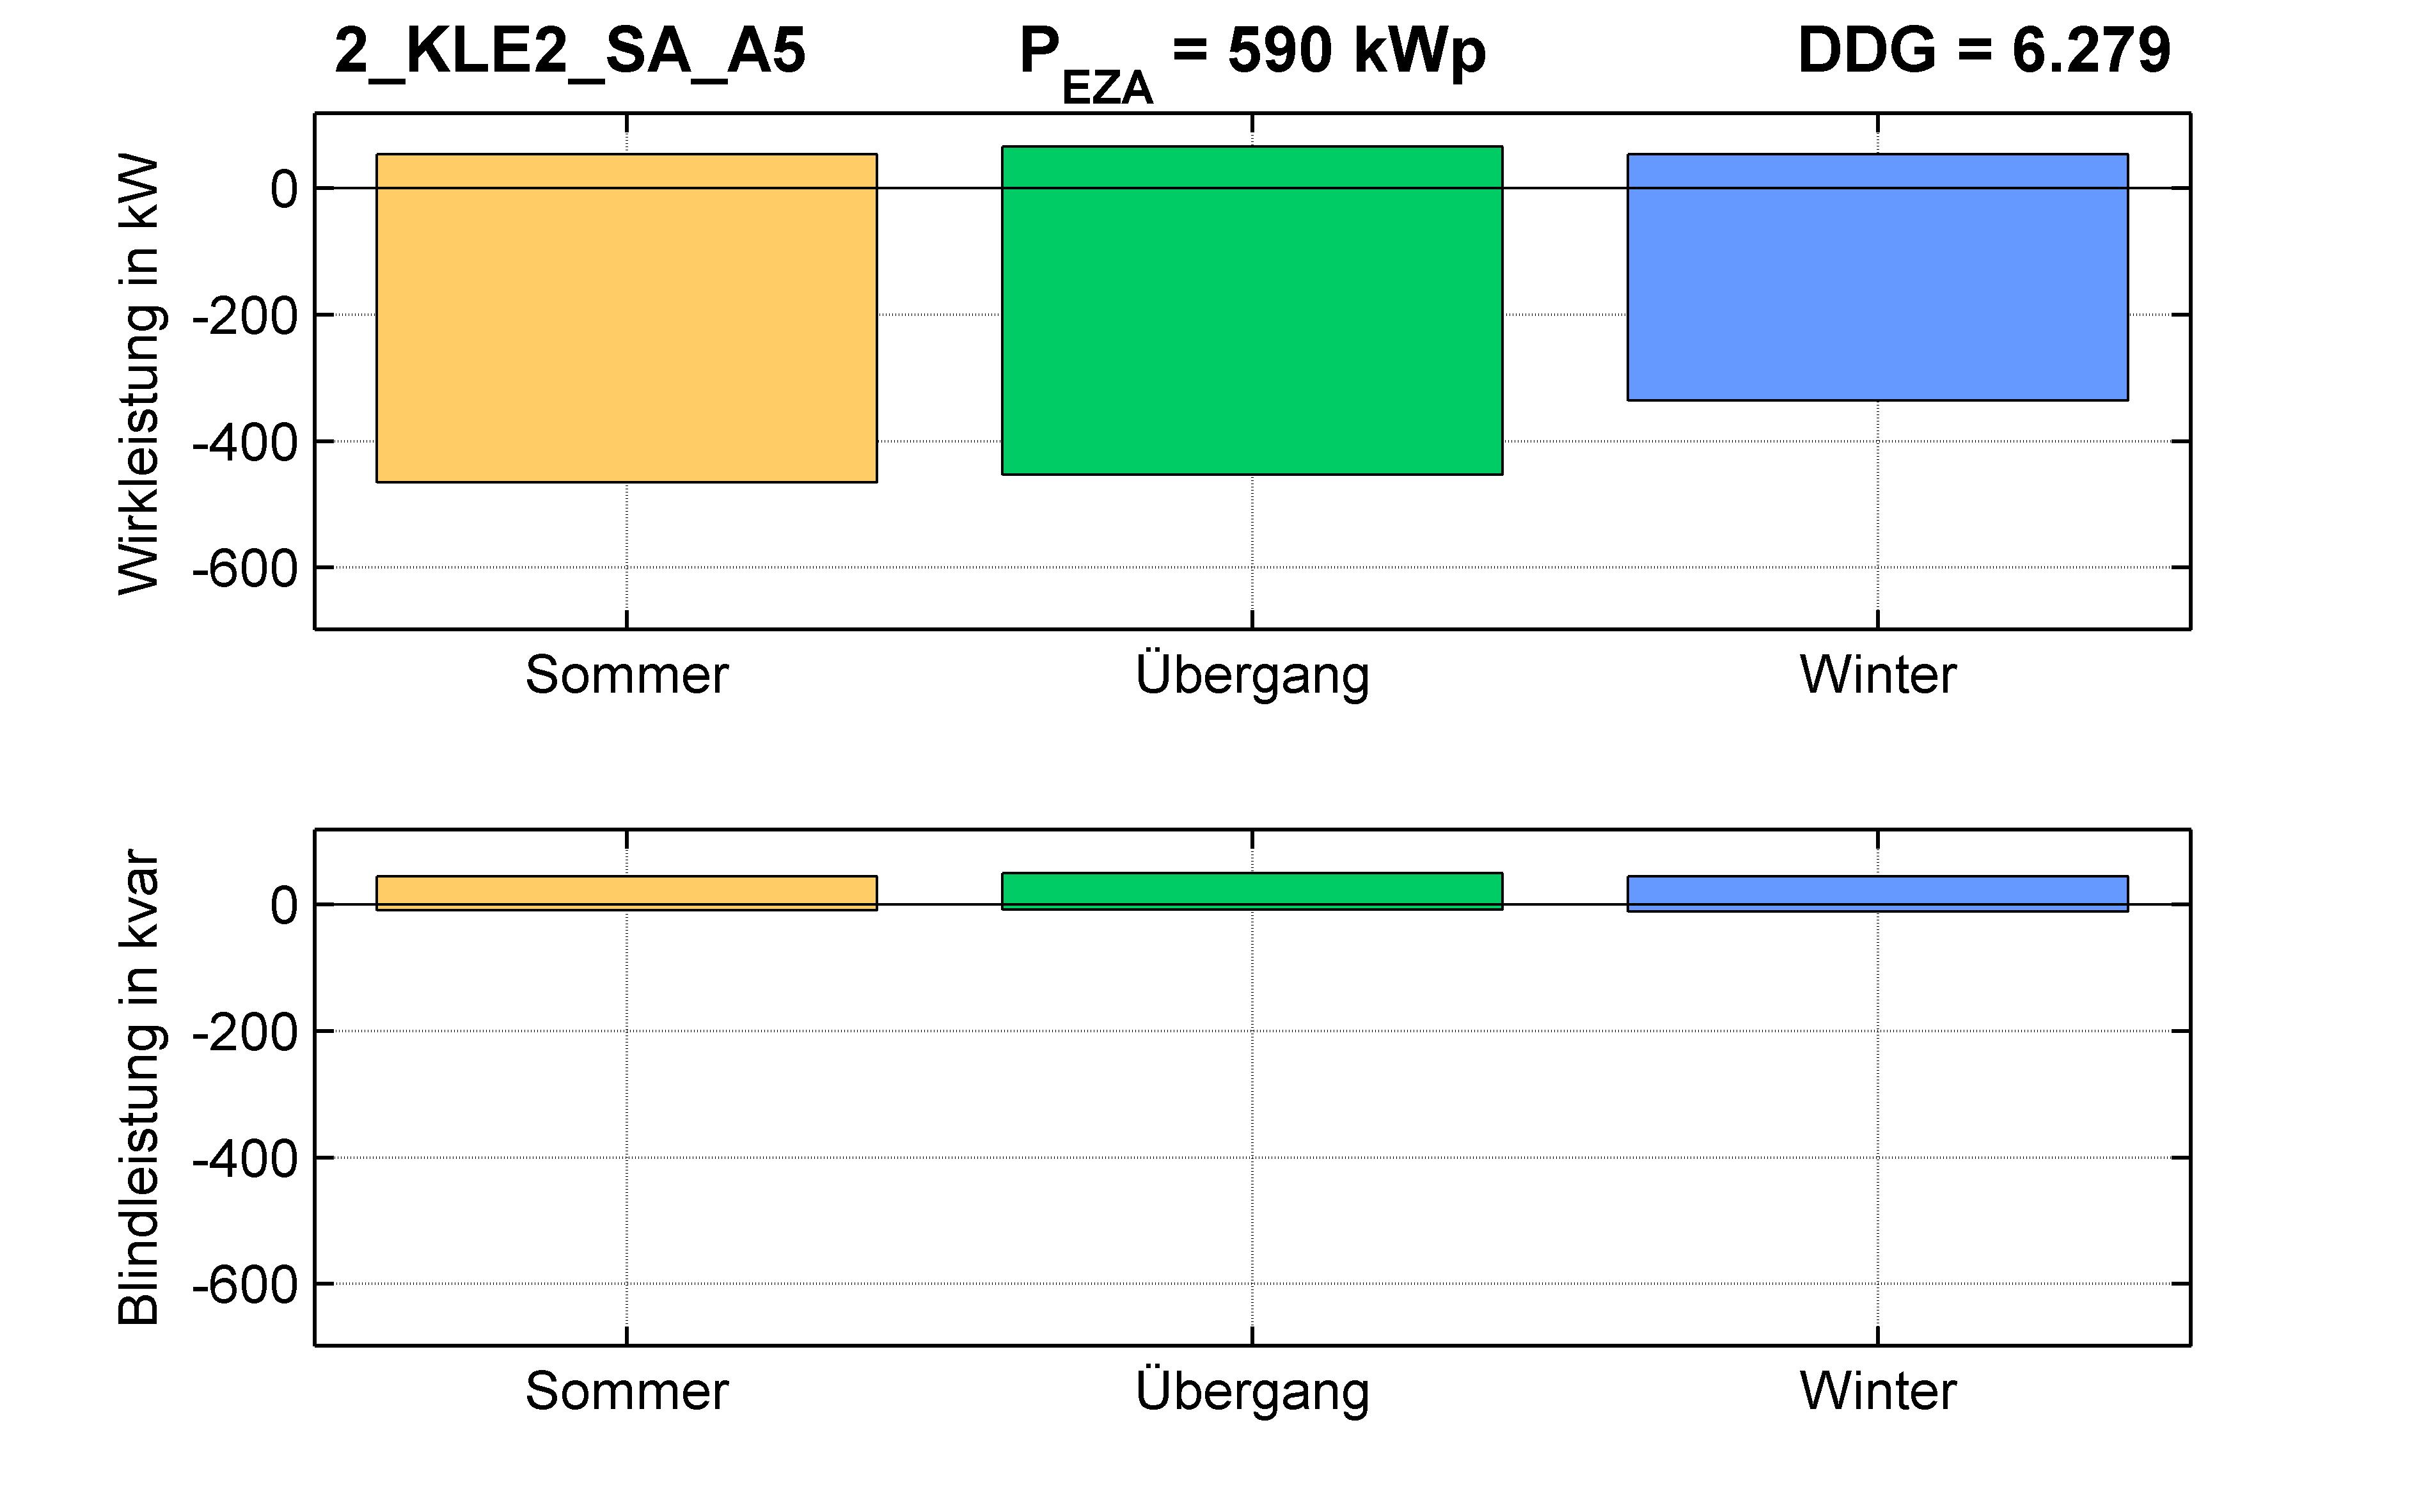 KLE2 | P-Kappung 85% (SA) A5 | PQ-Bilanz